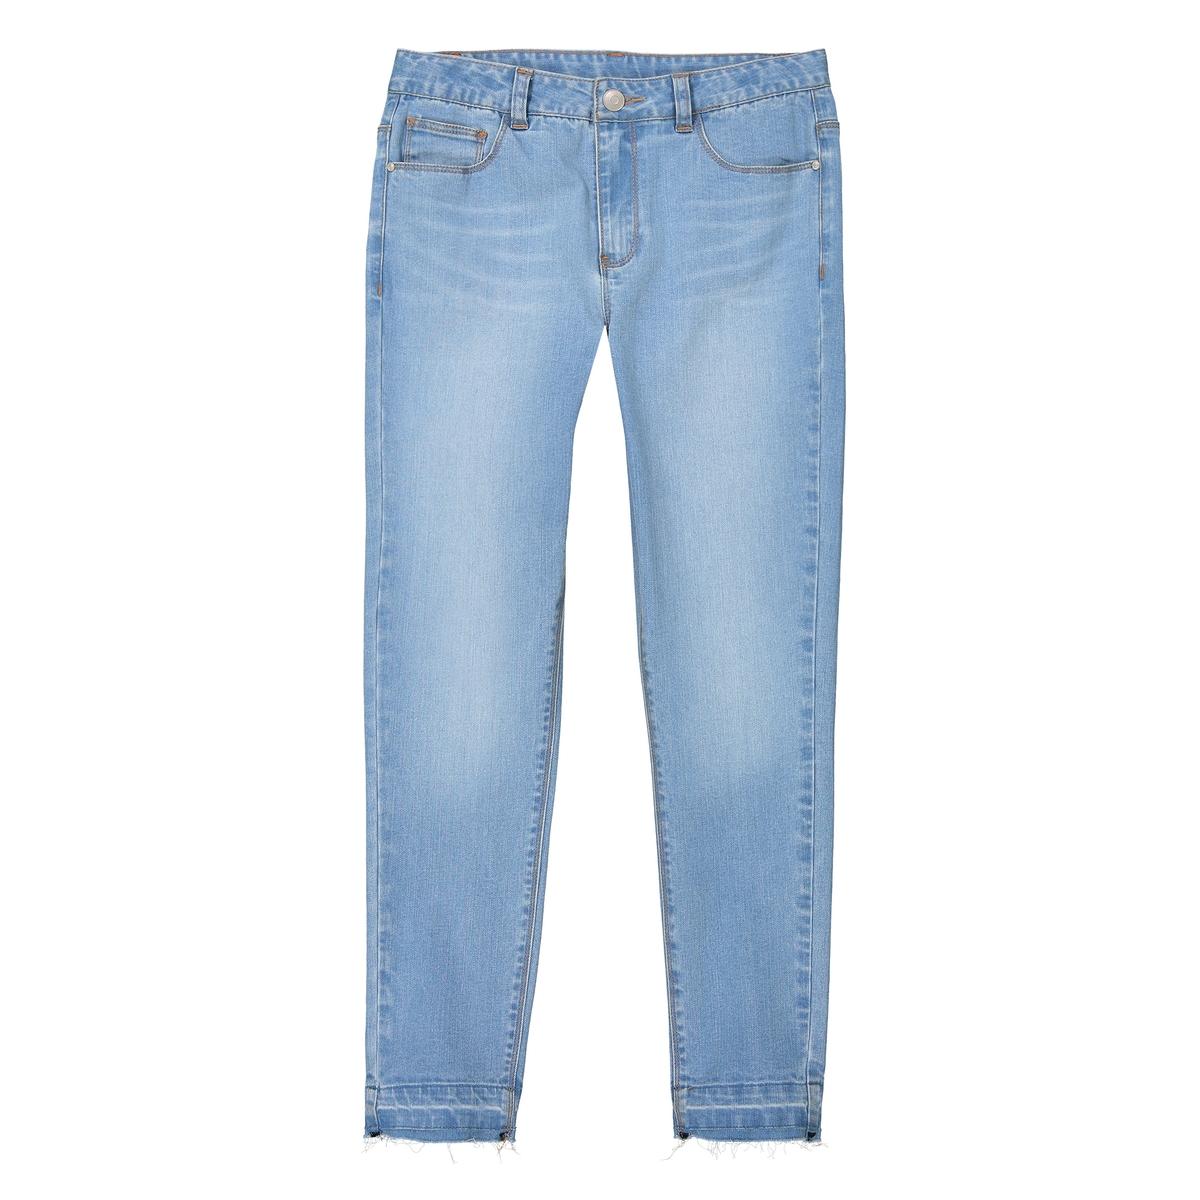 Jeans skinny desfiados e bordados, 10-16 anos